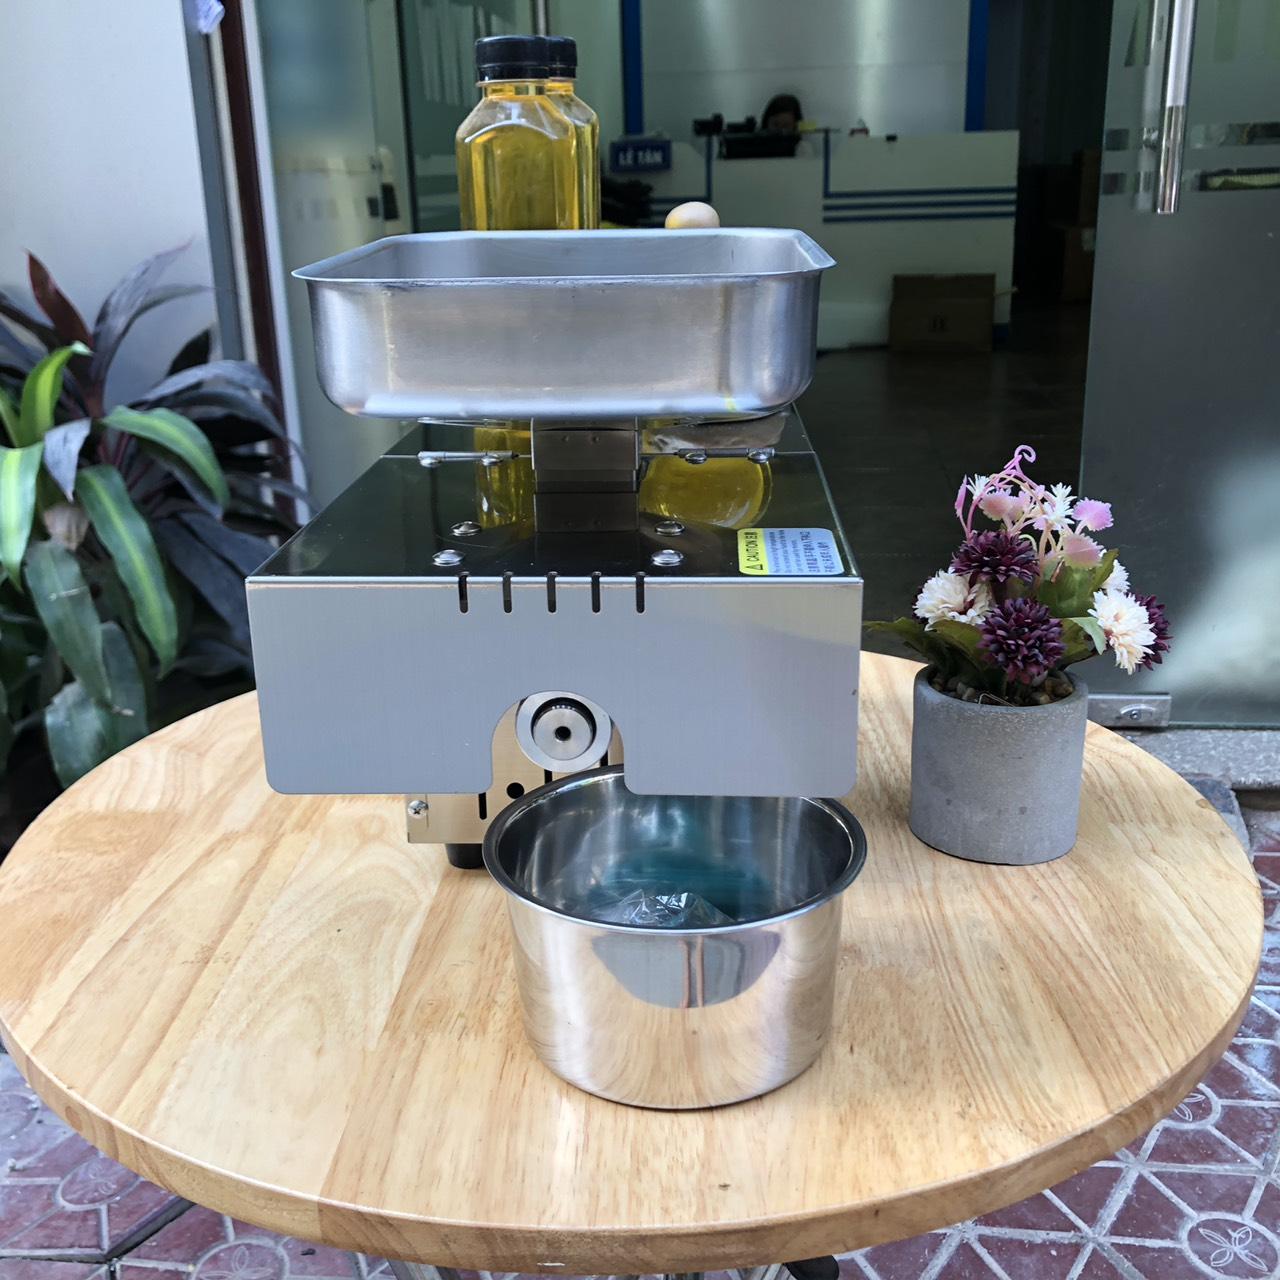 Máy tự ép dầu ăn cho gia đình từ các loại hạt có chứa dầu (lạc, óc chó, vừng, dừa..) inox siêu bền chống gỉ STB505